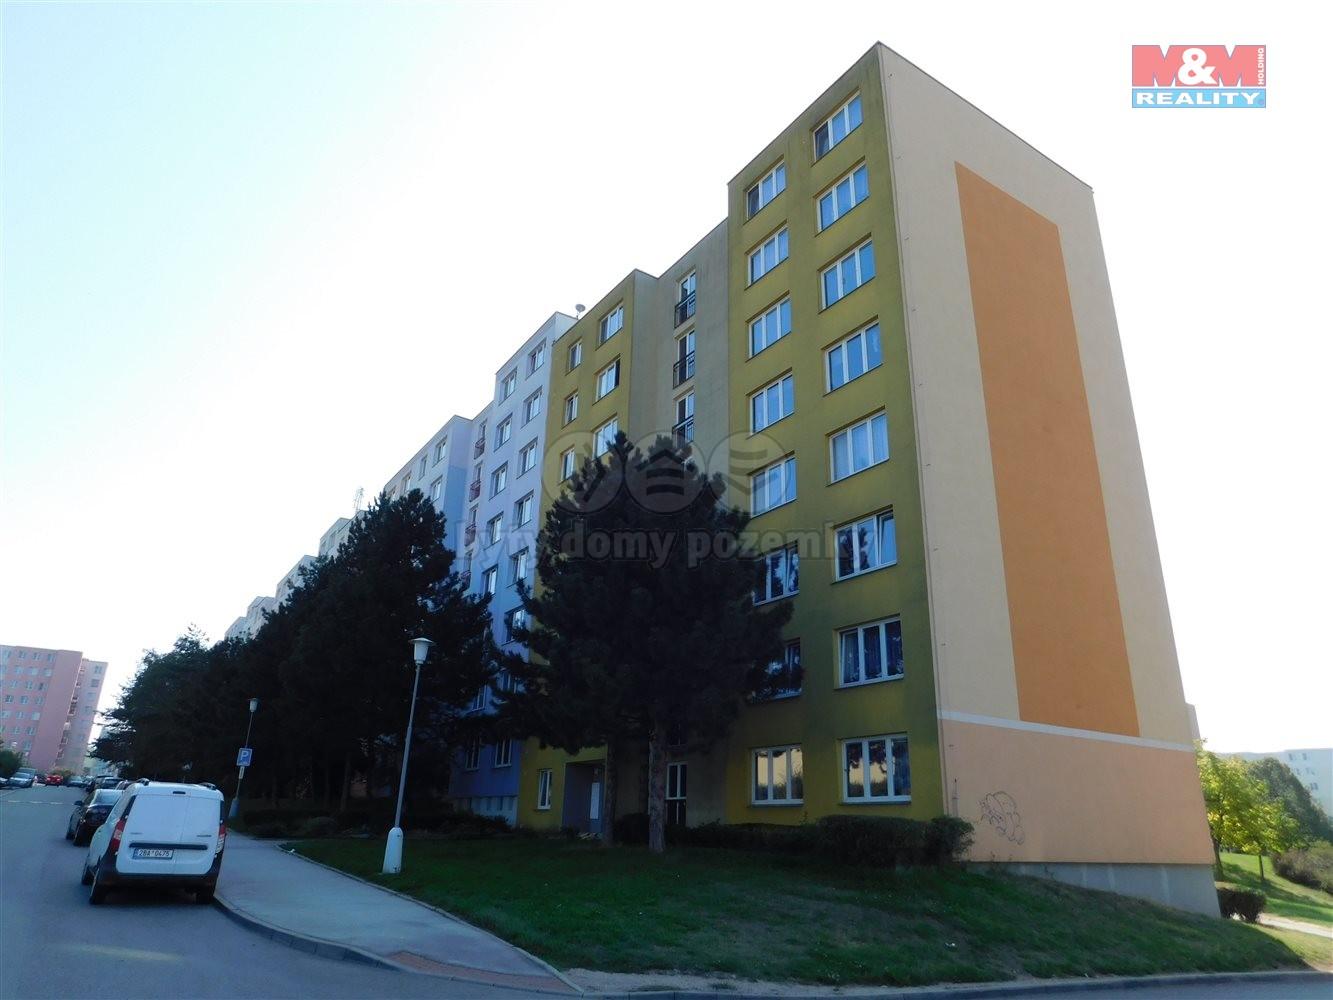 Prodej, byt 2+kk, 46 m2, OV, Brno